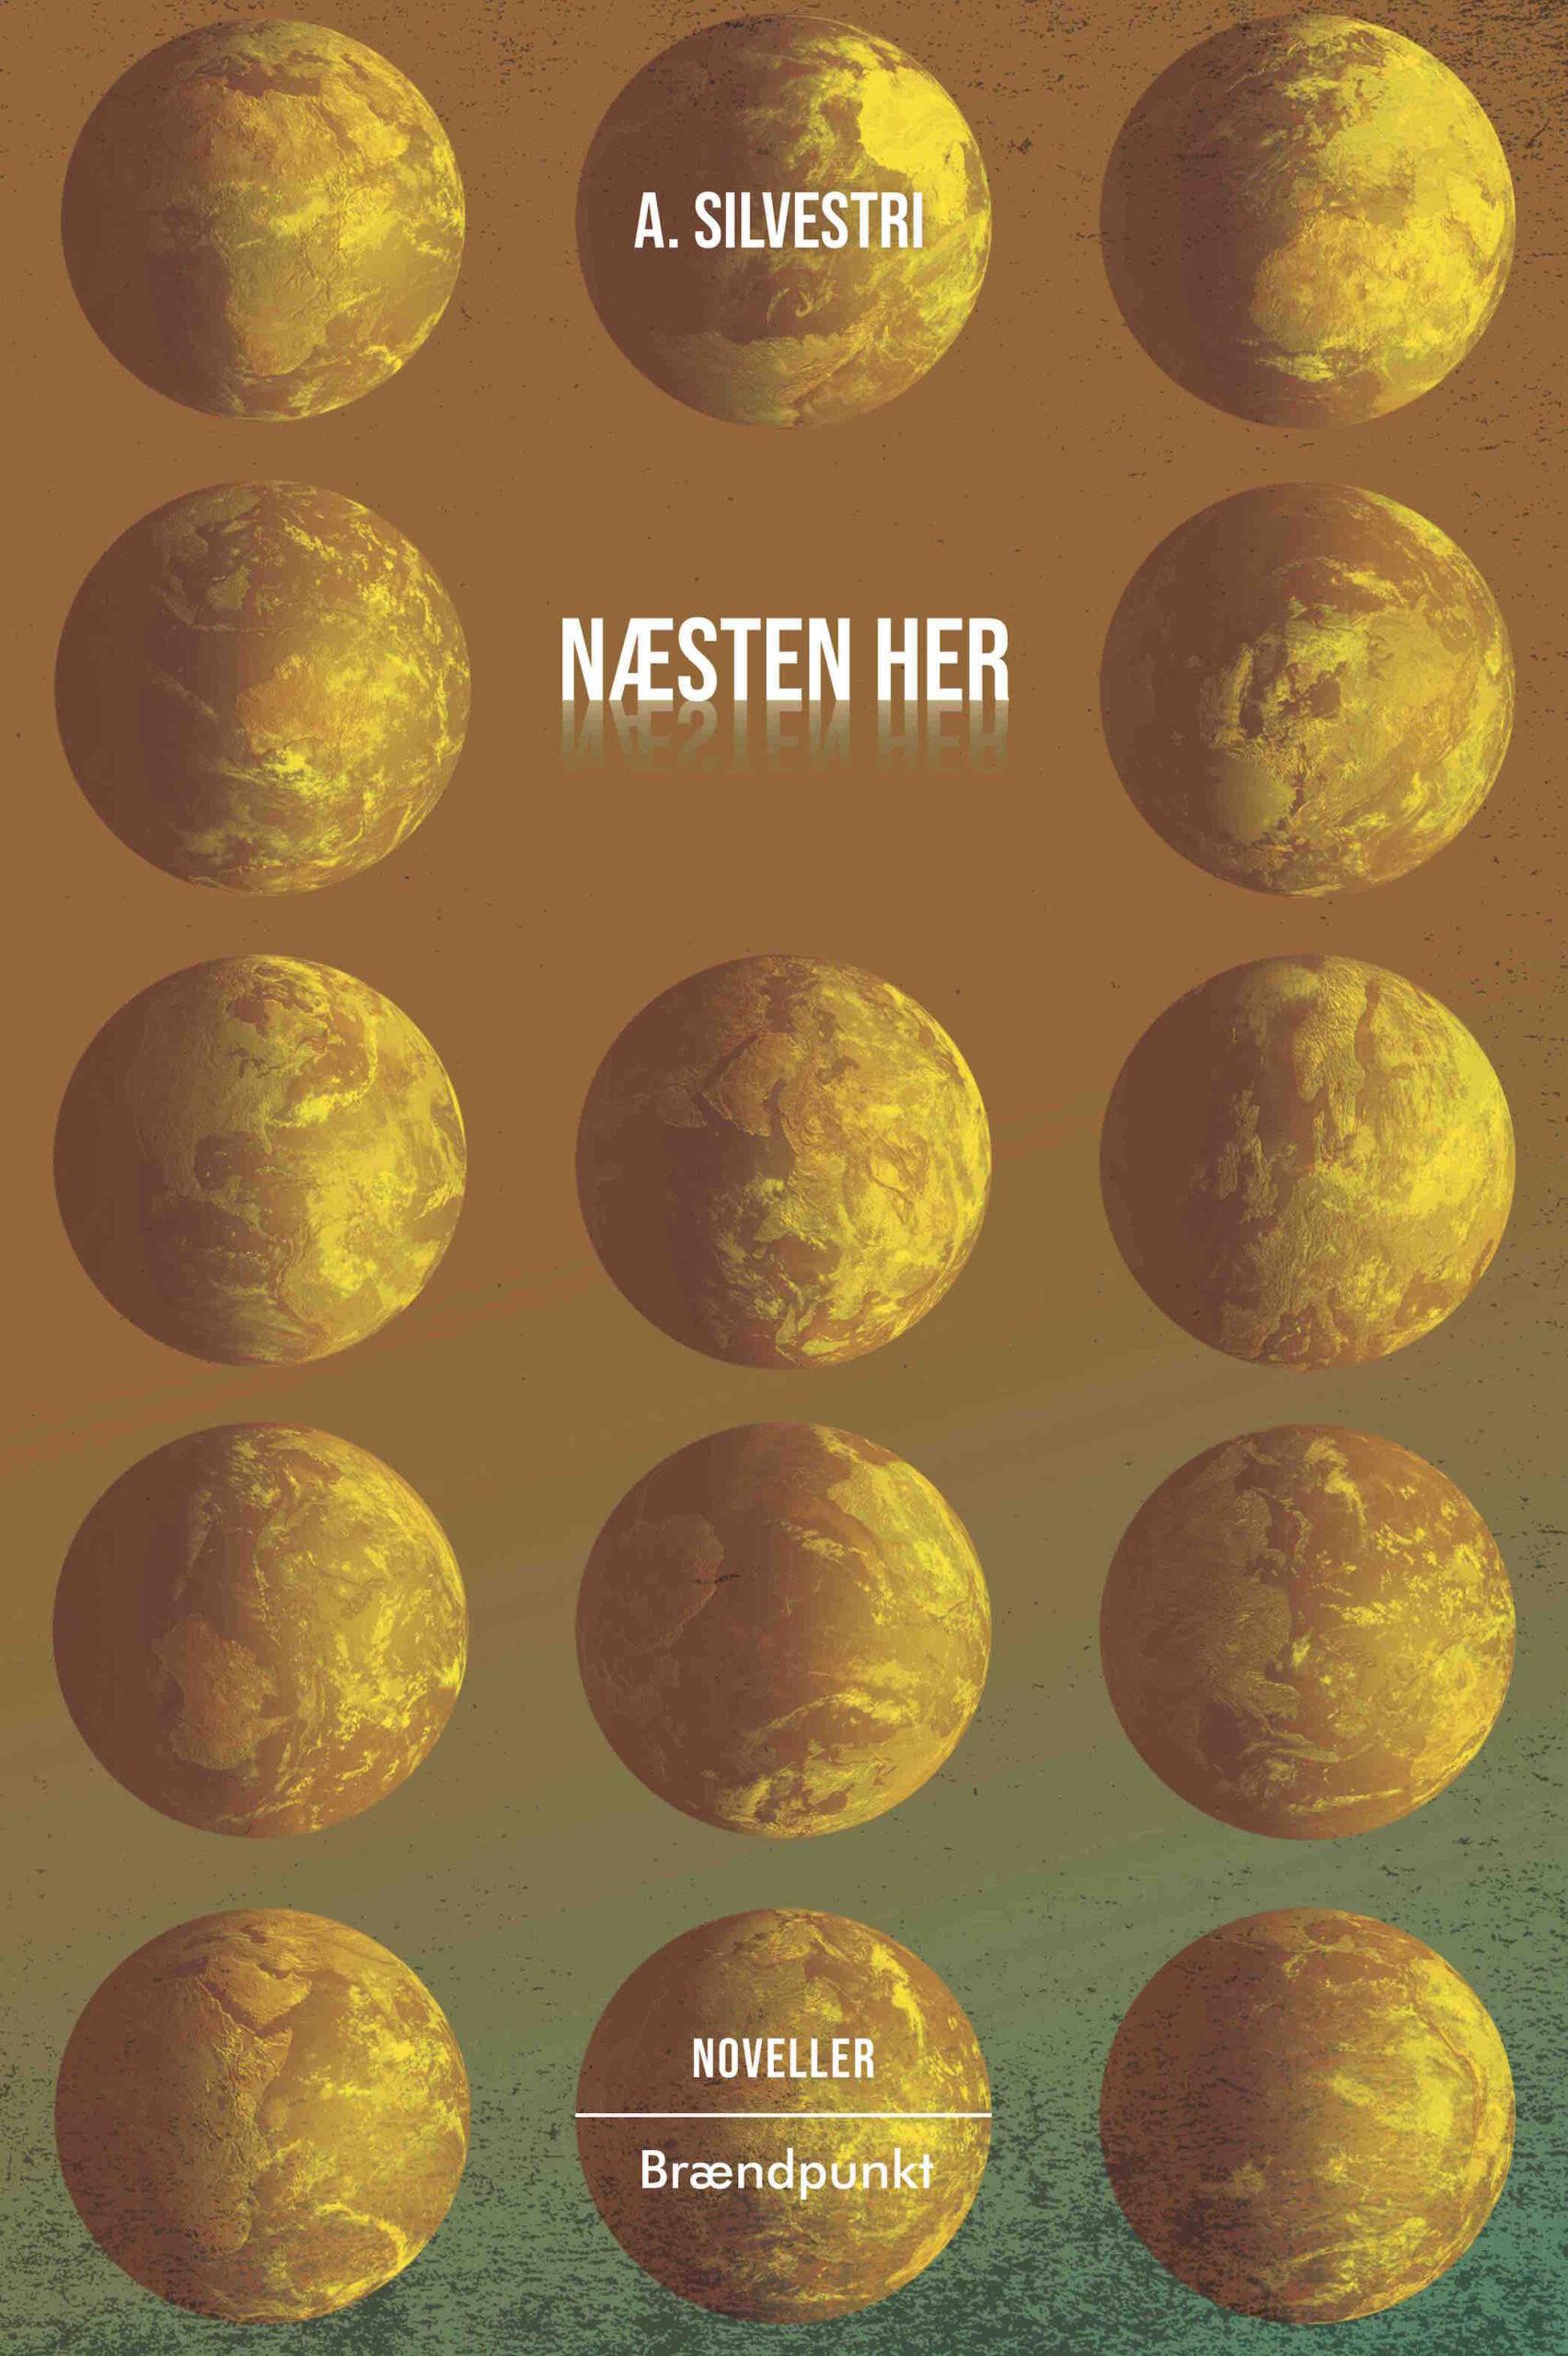 Næsten her af A. Silvestri, noveller